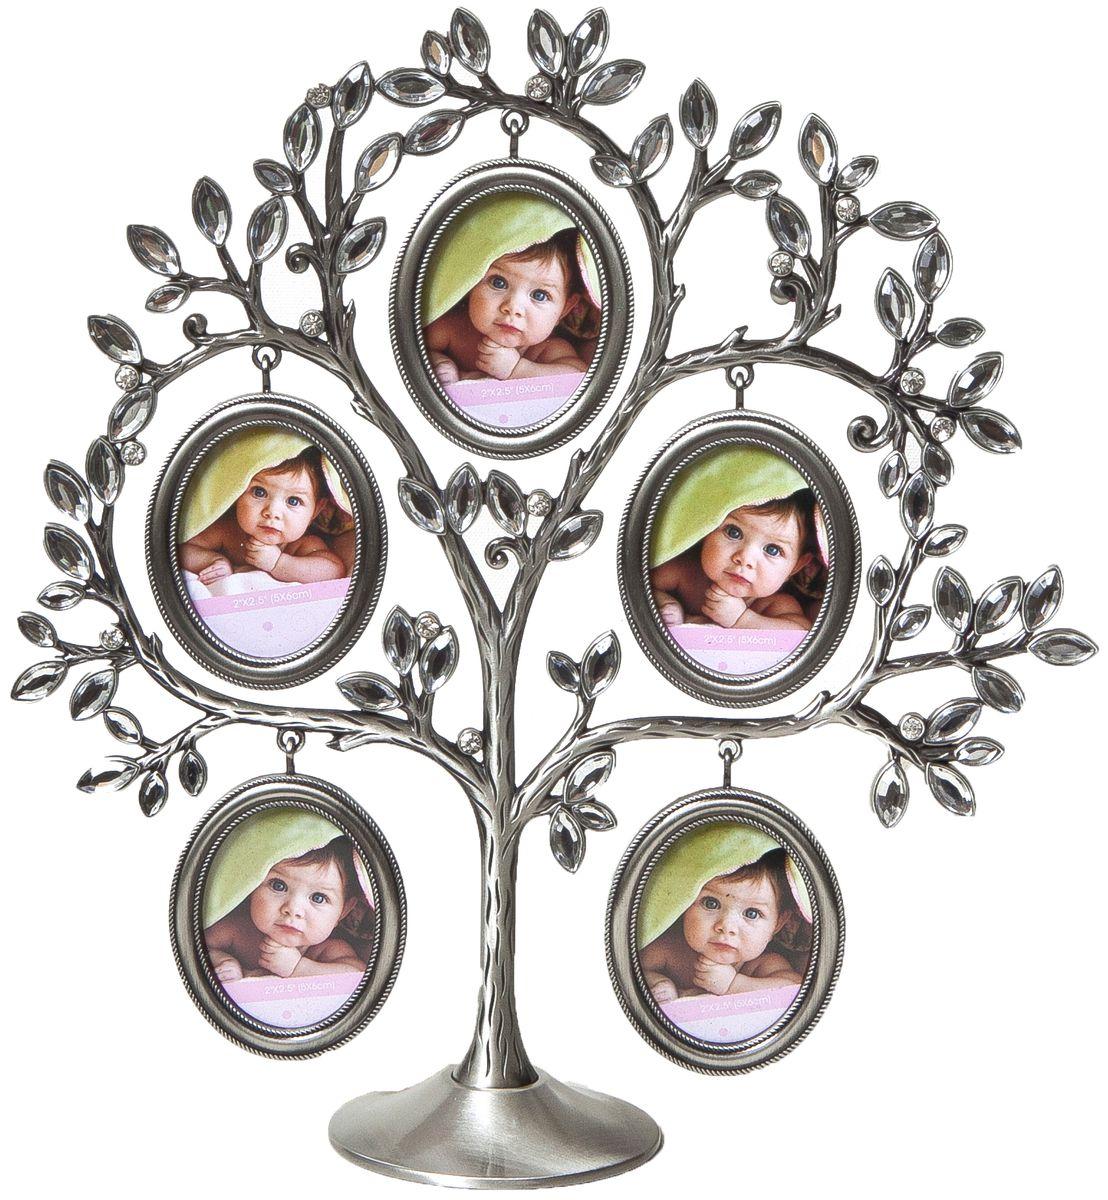 Фоторамка декоративная Platinum Дерево, на 5 фото, высота 27 см. PF10791B5 фоторамок на дереве PF10791BРодословное дерево инкрустированное стразами, с фото 3x4 см.